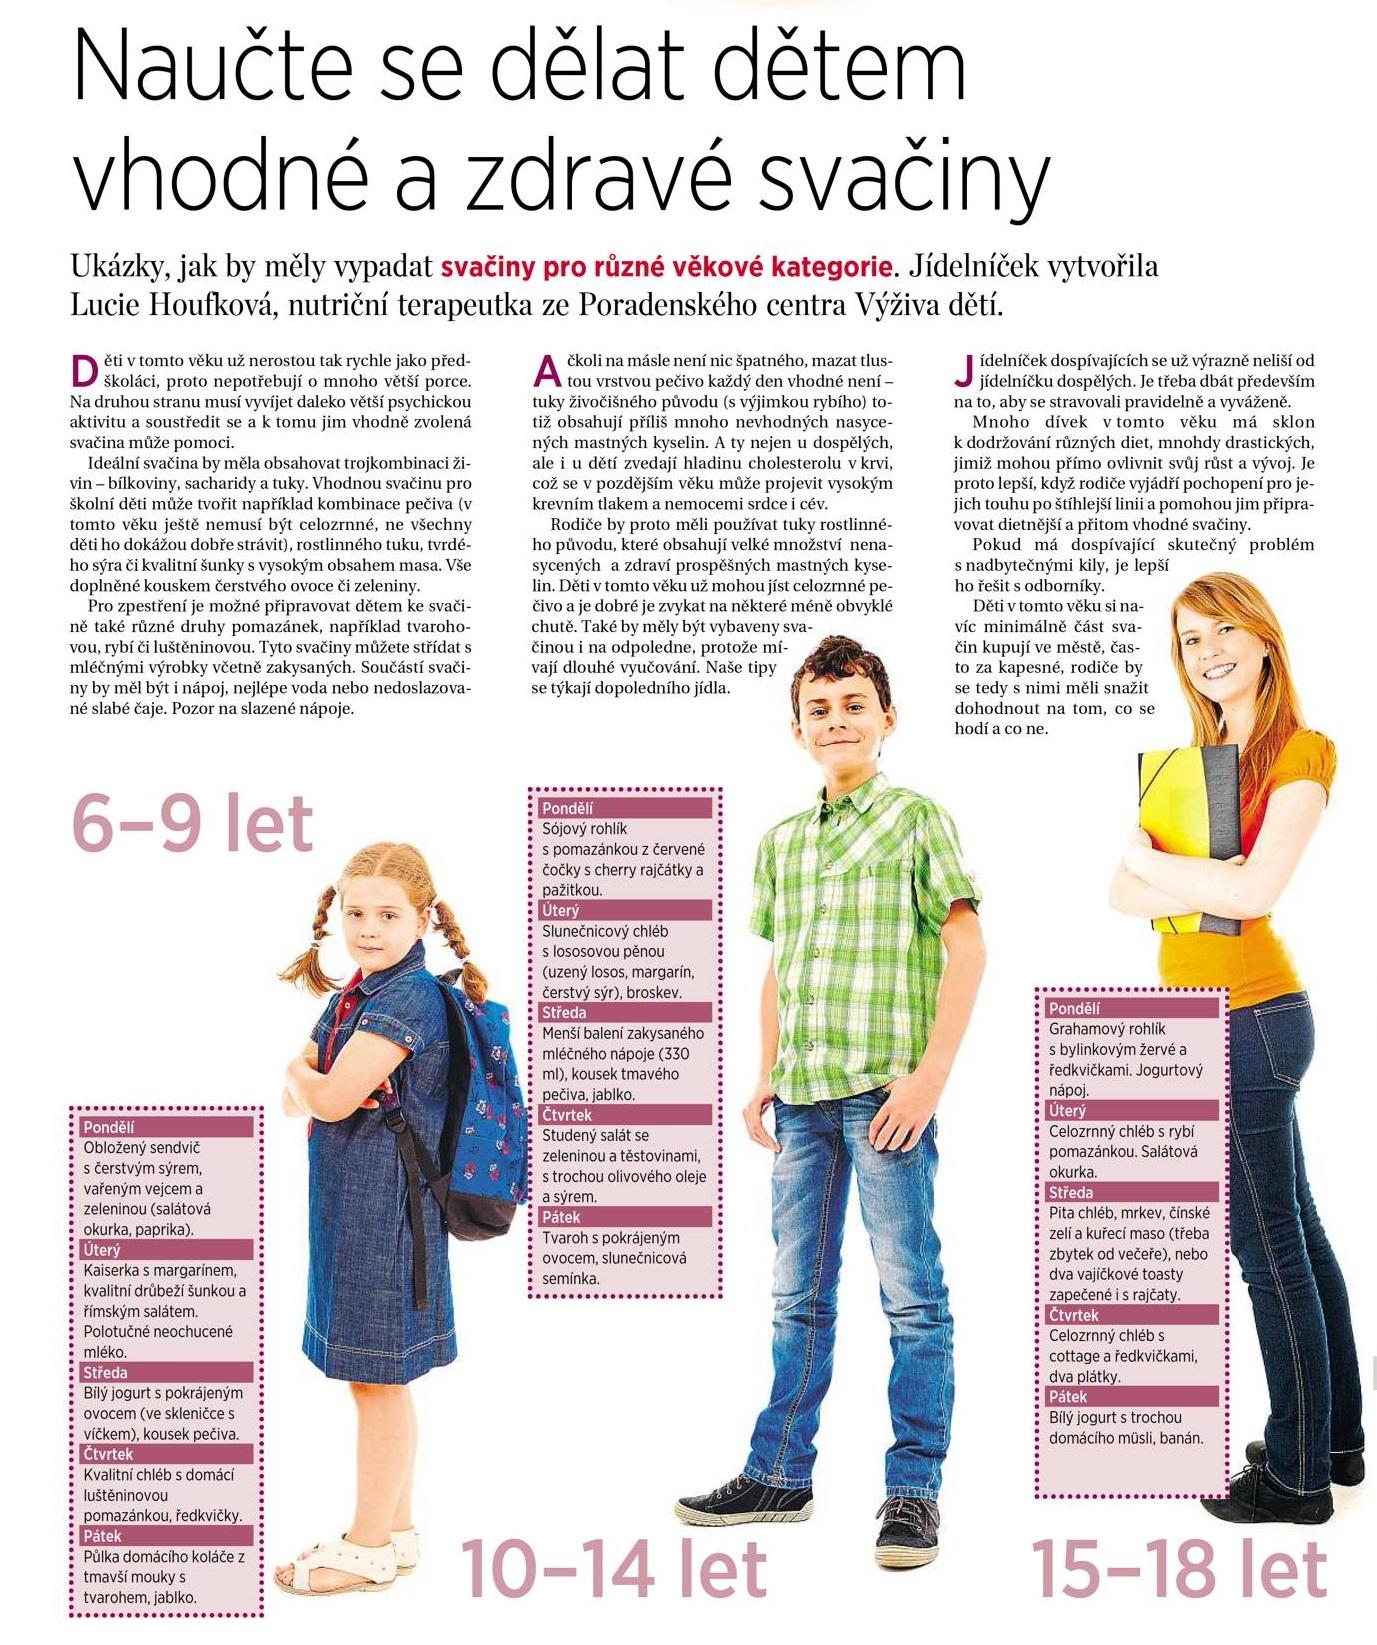 MF_Naučte se dělat dětem vhodné a zdravé svačiny_6.9.2013